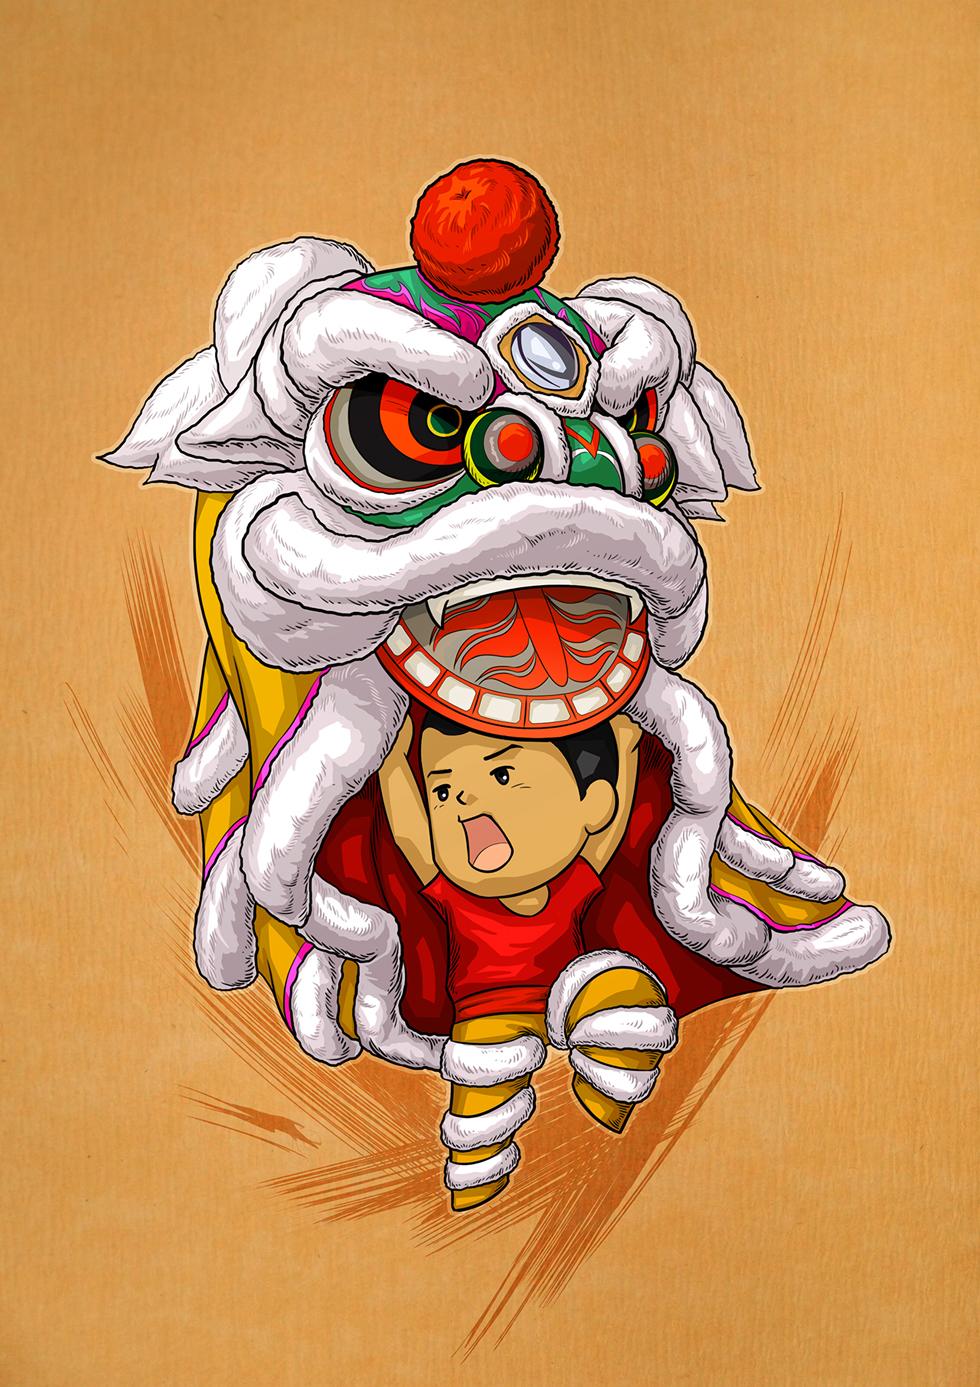 中国舞狮图片大全 图片合集